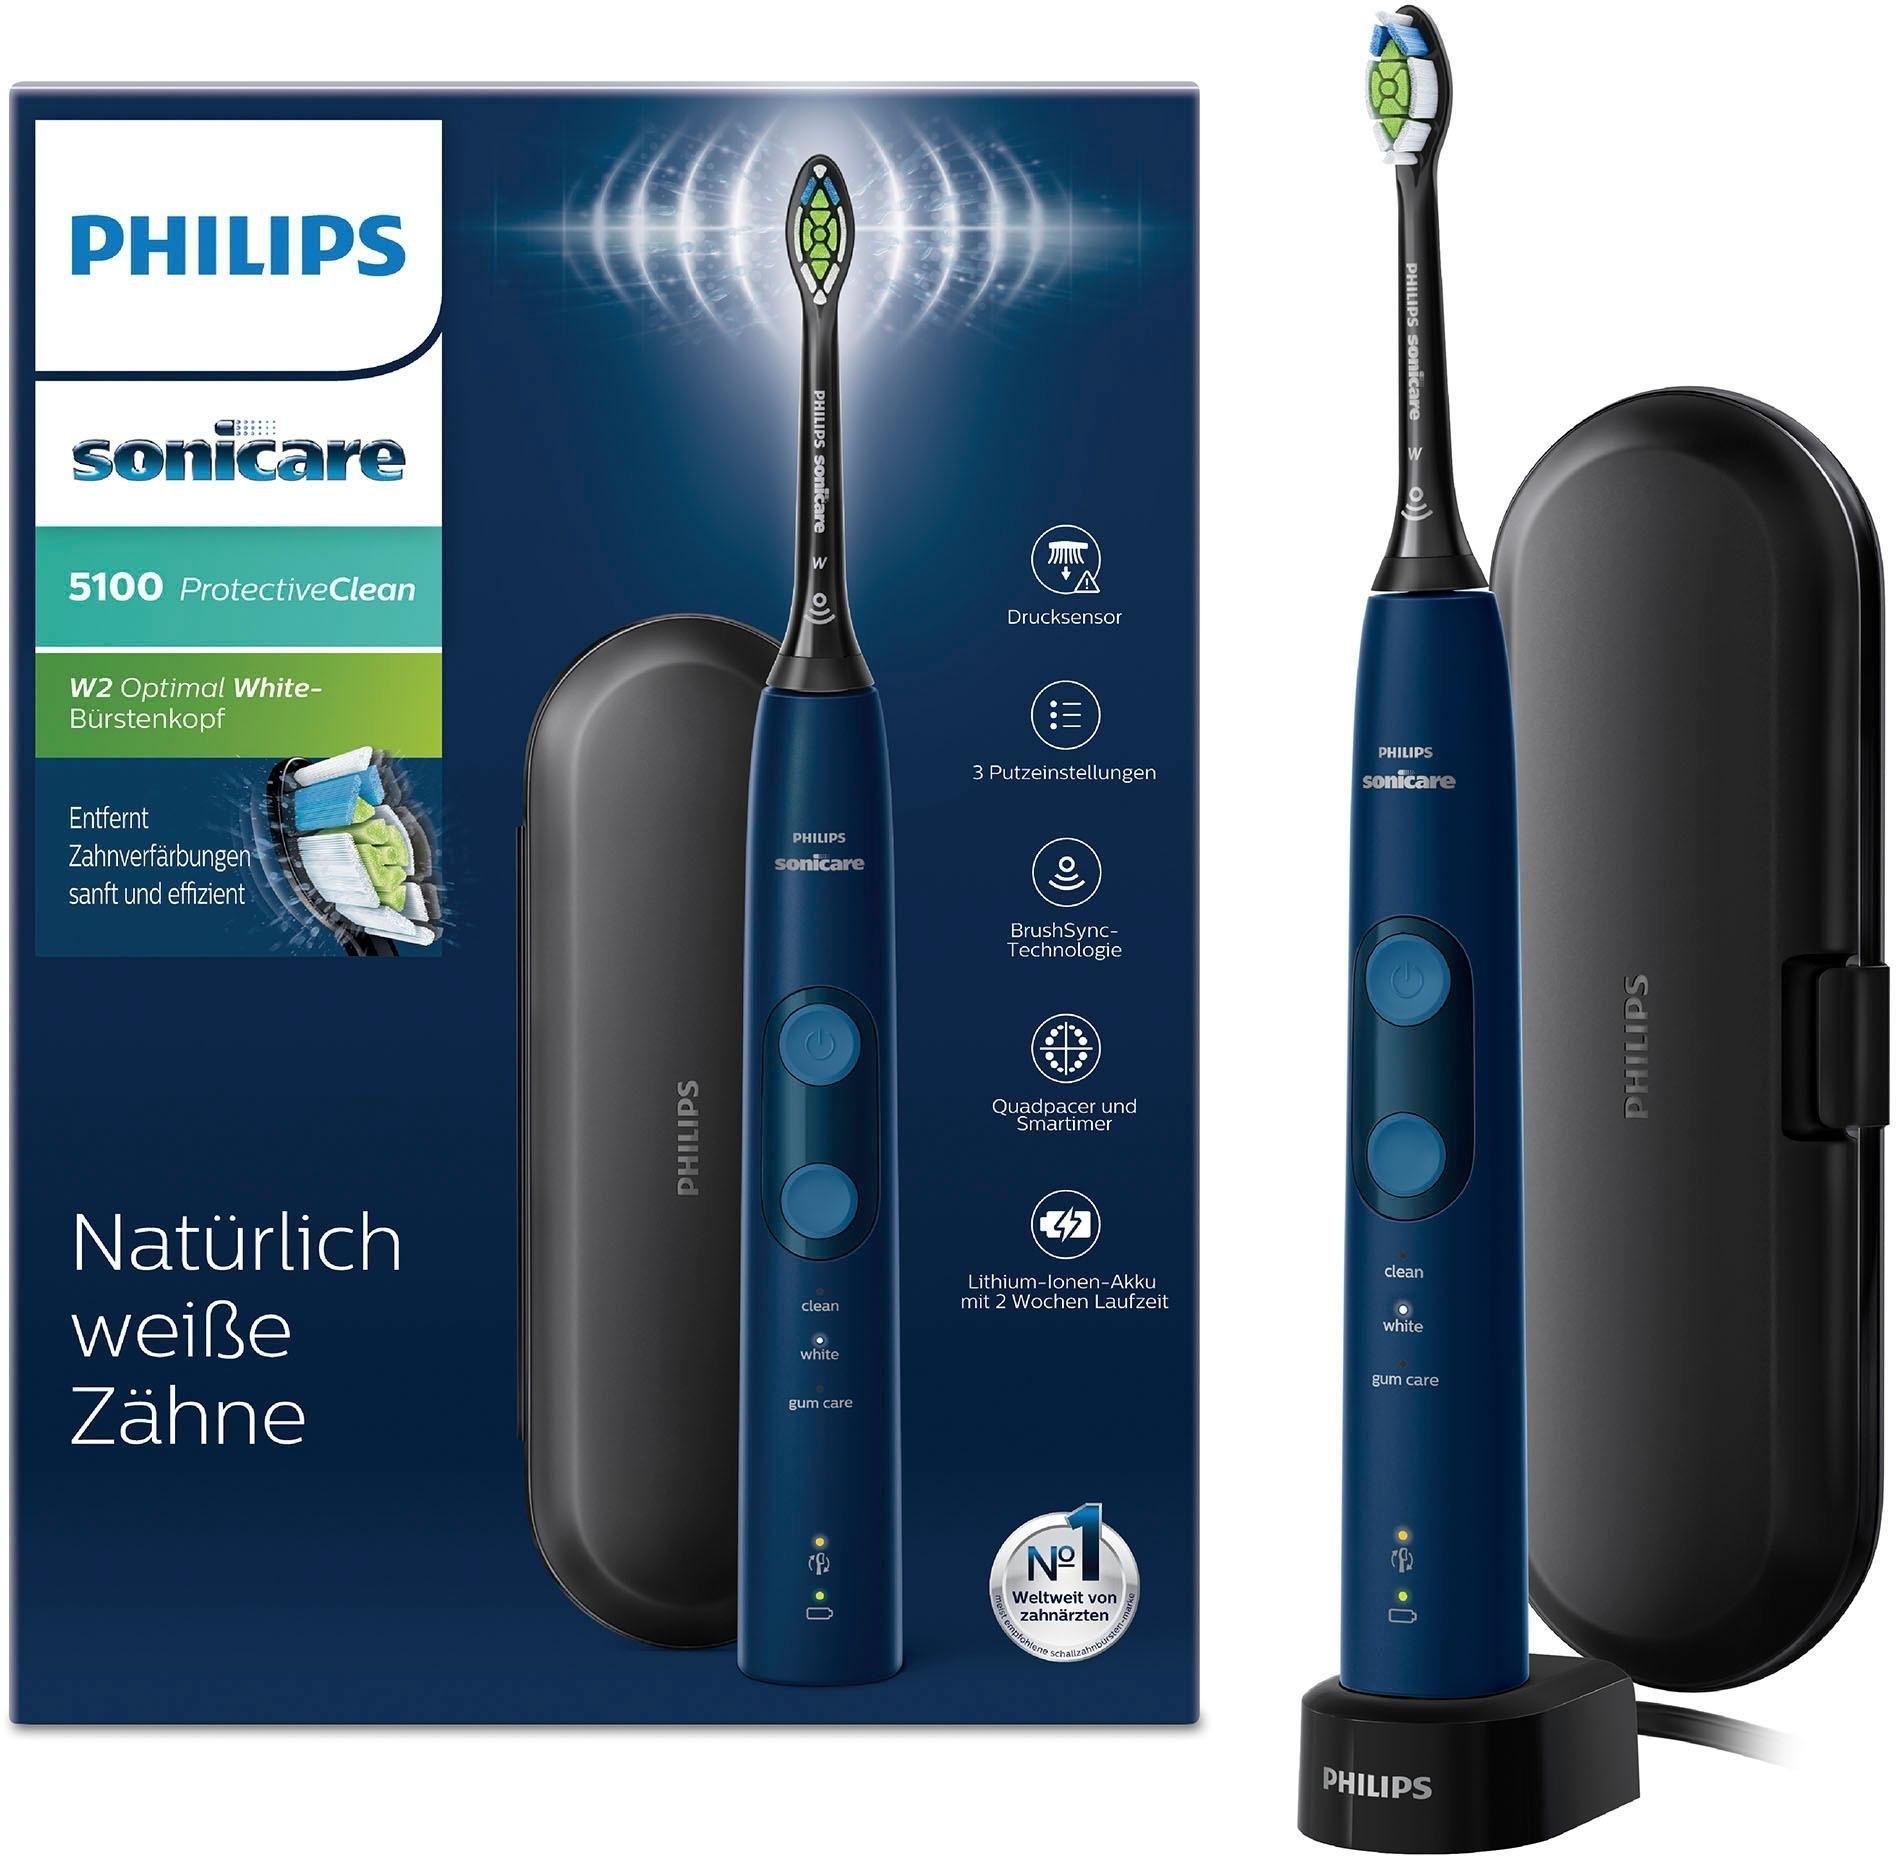 Philips Sonicare ultrasone tandenborstel Sonicare HX6851/53 ProtectiveClean 5100 met poetsdruksensor bij OTTO online kopen